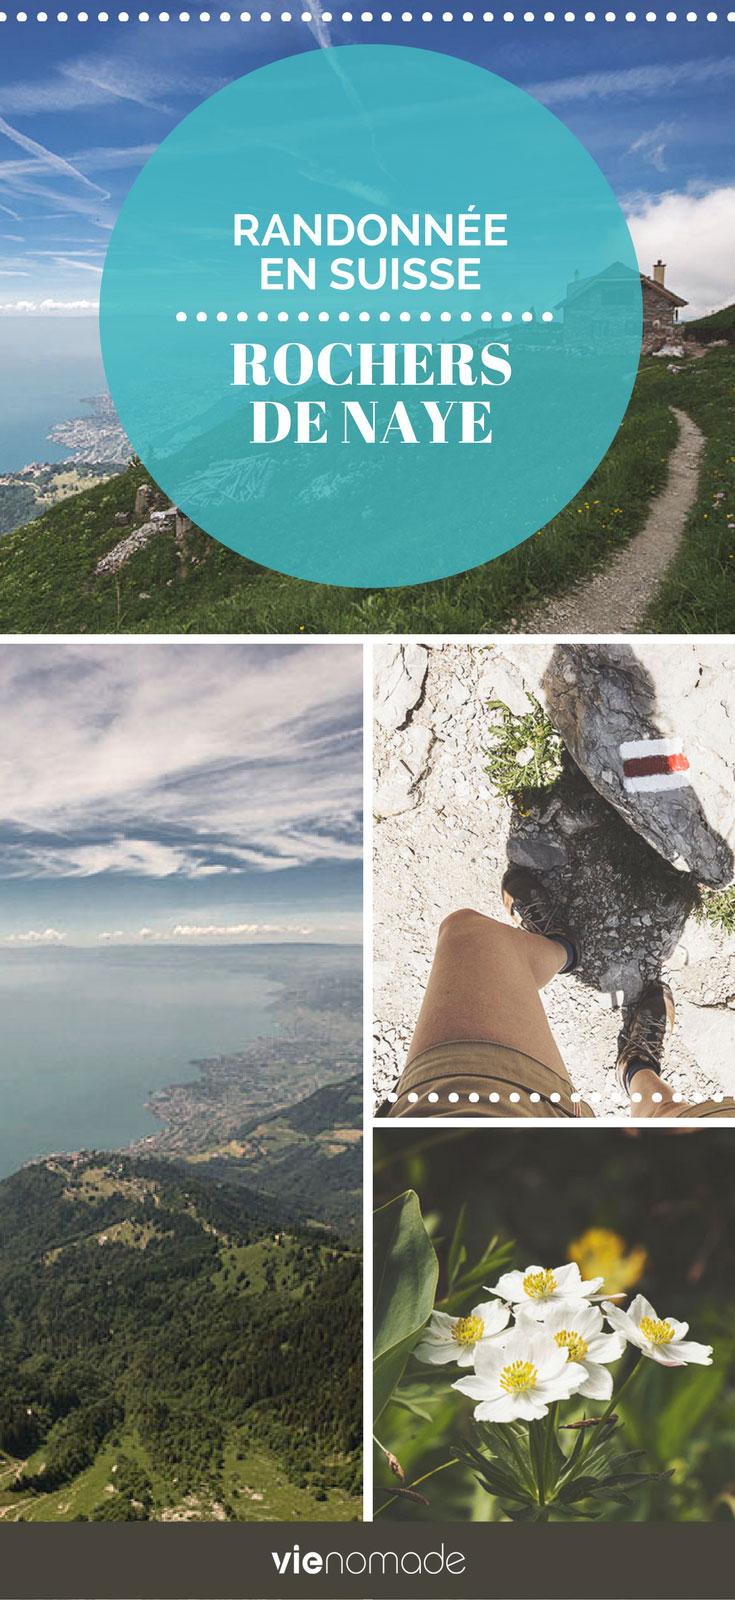 Randonnée Rochers de Naye, Montreux, Suisse